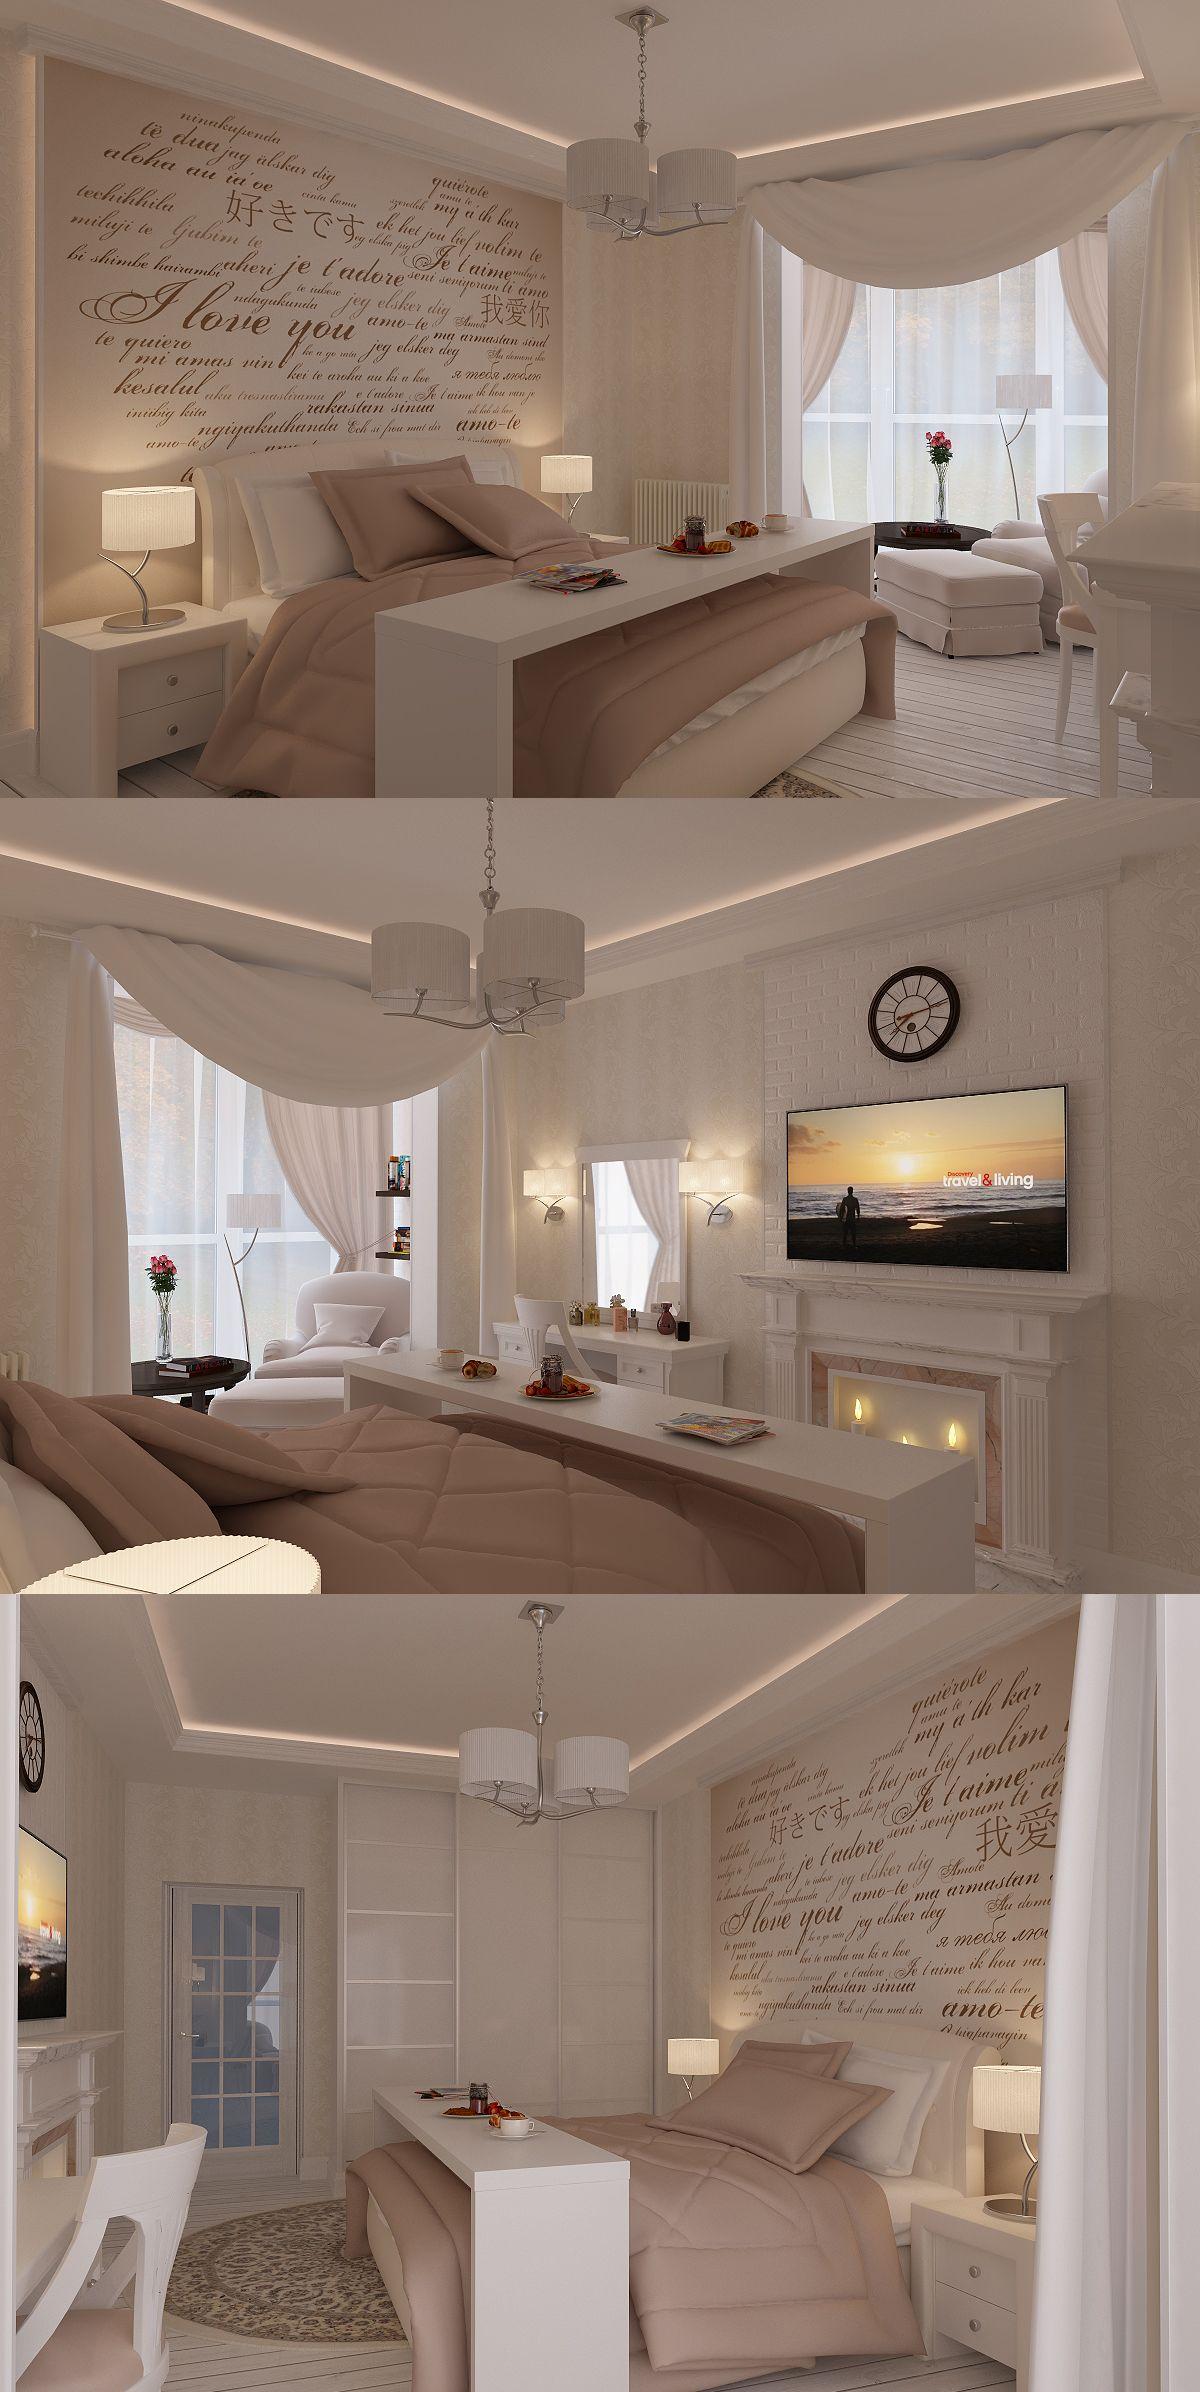 der tisch ber dem bett ist cool und die vorh nge schlafzimmer pinterest. Black Bedroom Furniture Sets. Home Design Ideas